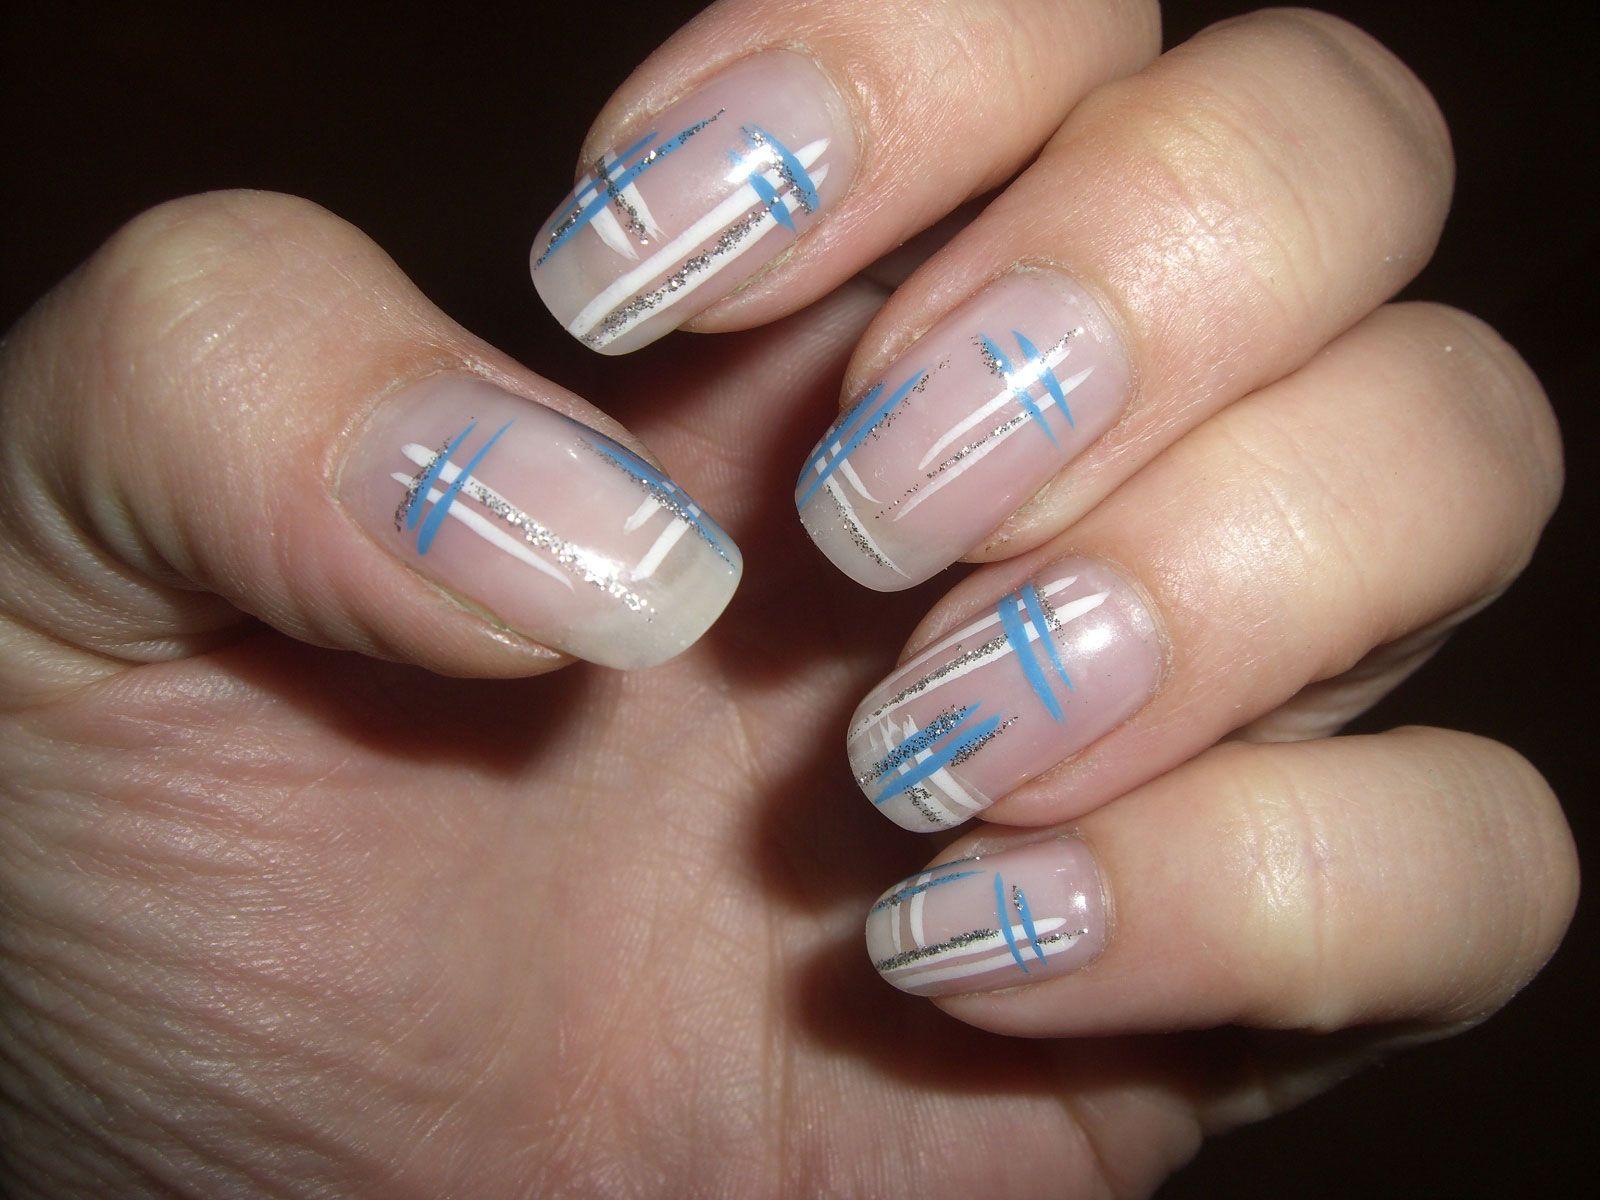 nail art tips nail tips nail polish nail designs nail design | nails ...